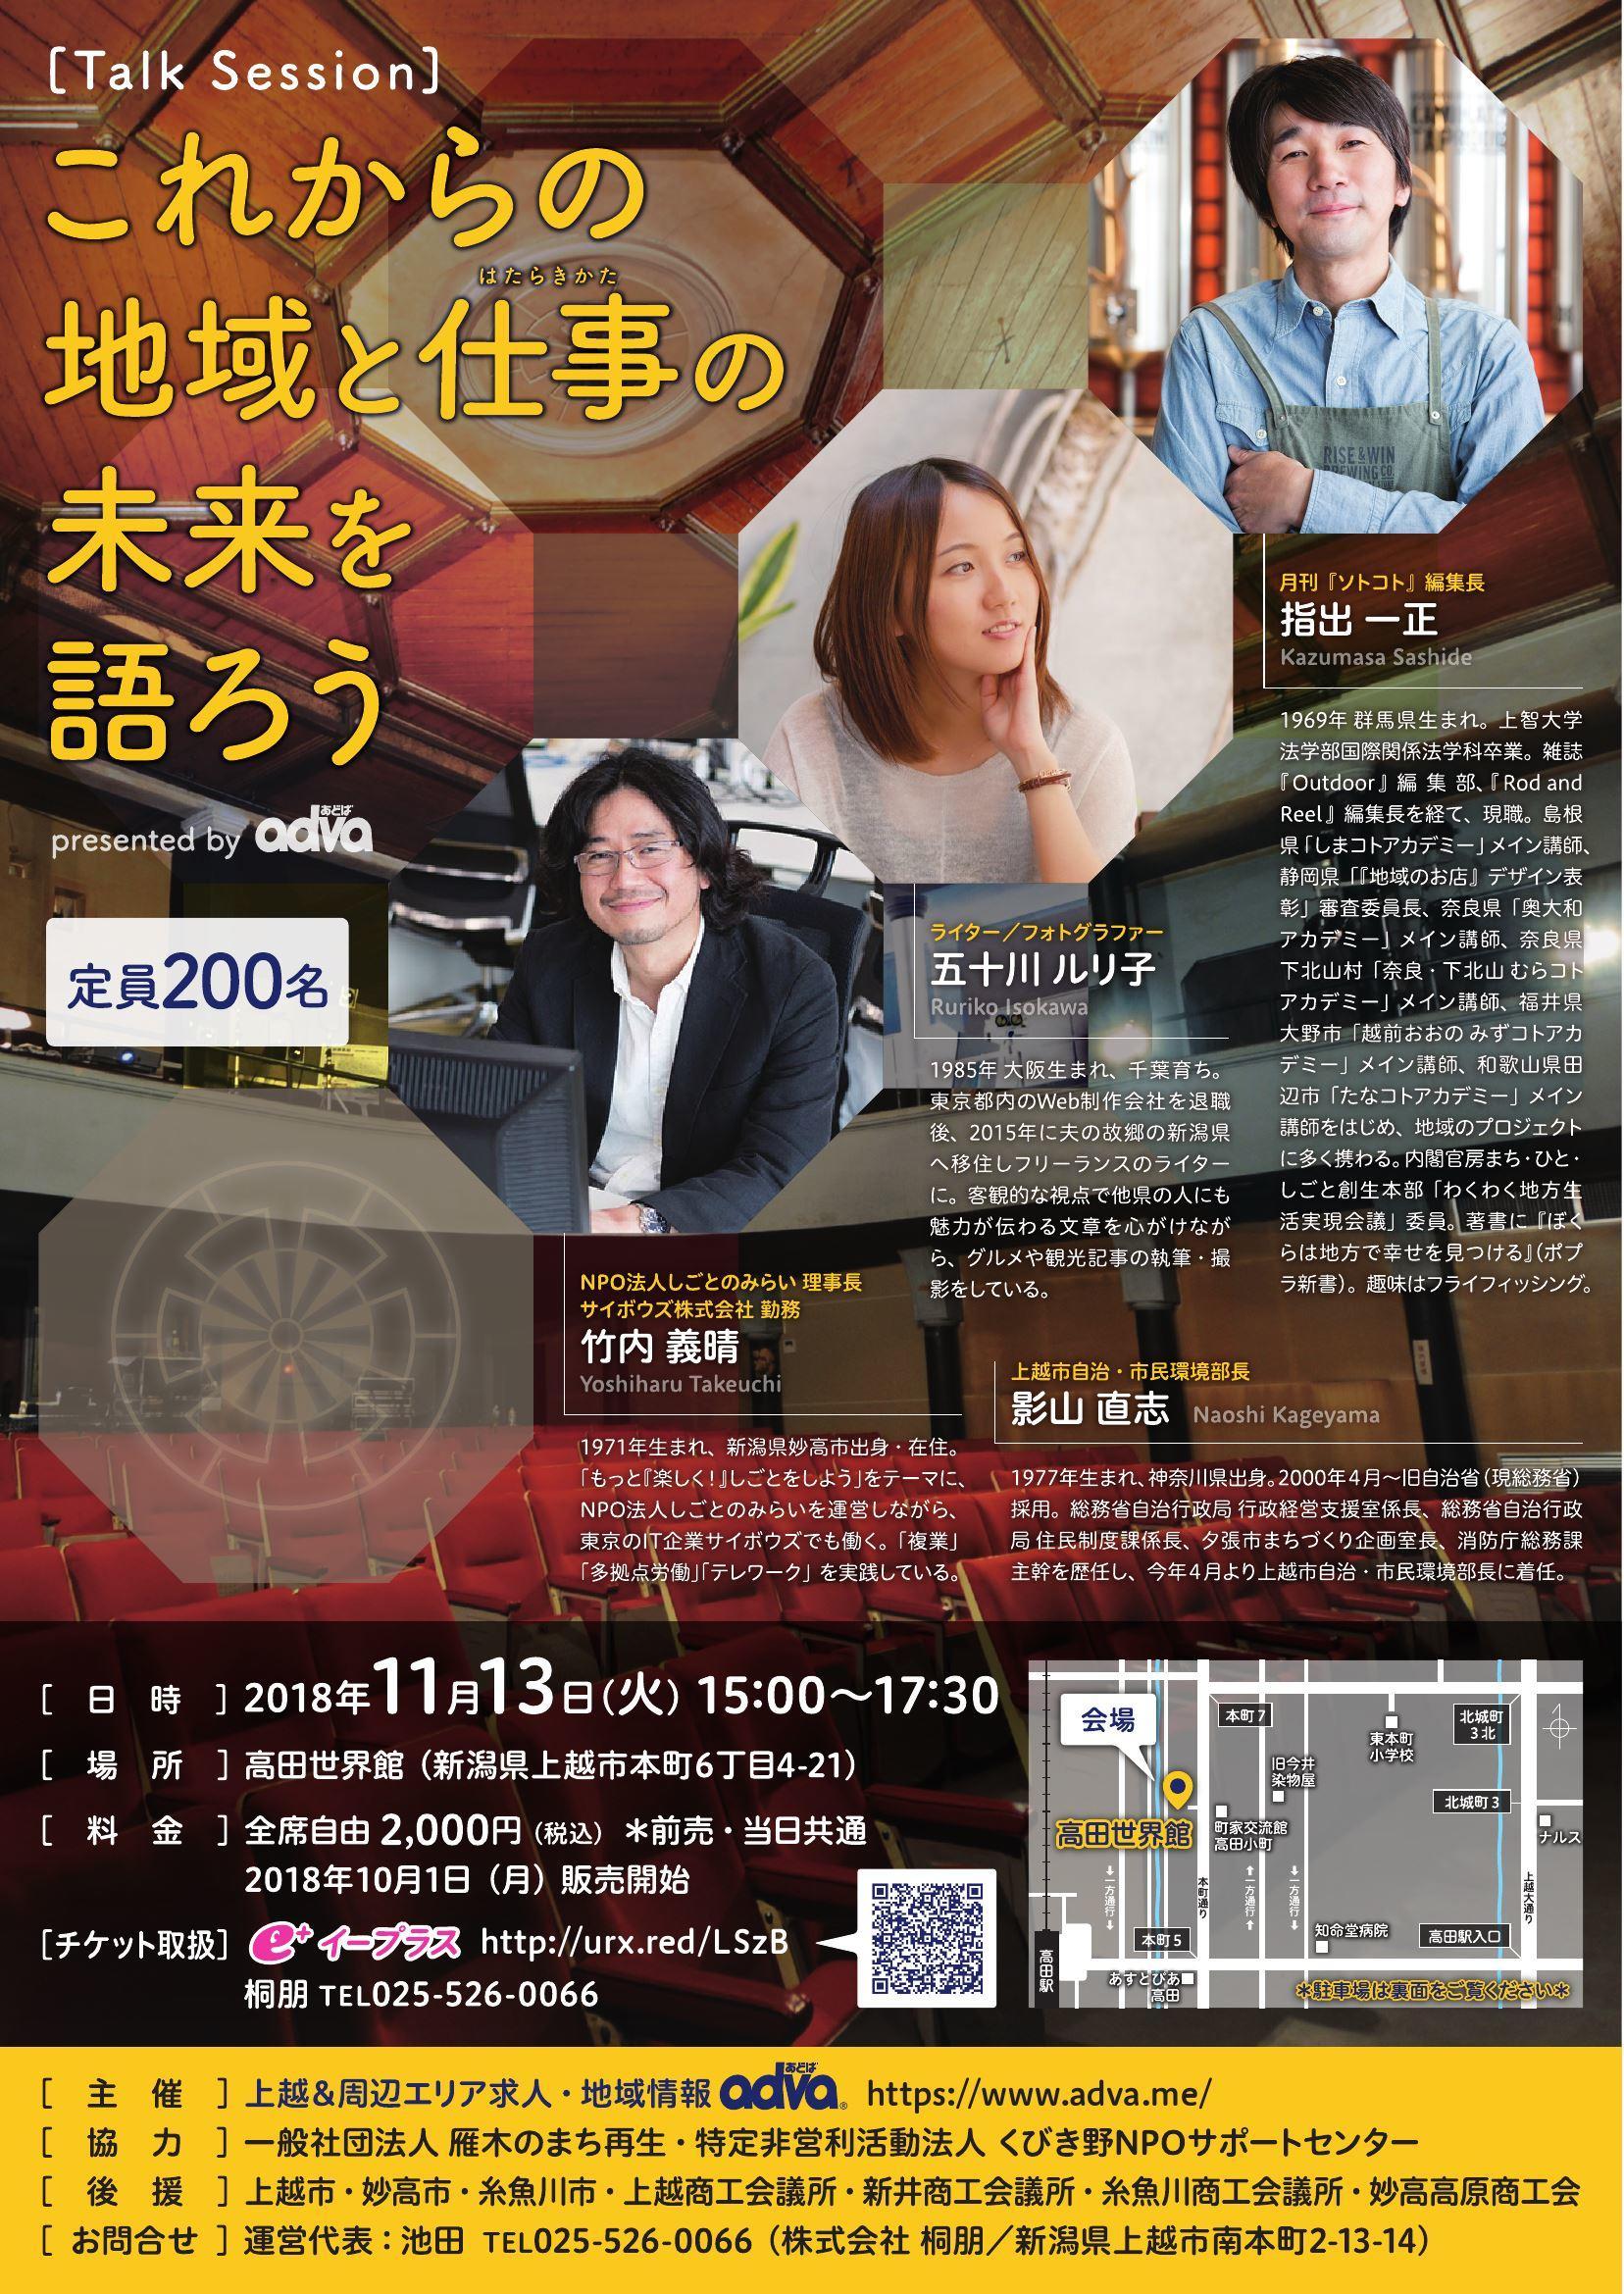 https://blogs.itmedia.co.jp/takewave/letstalk181113_leaf-A4.jpg